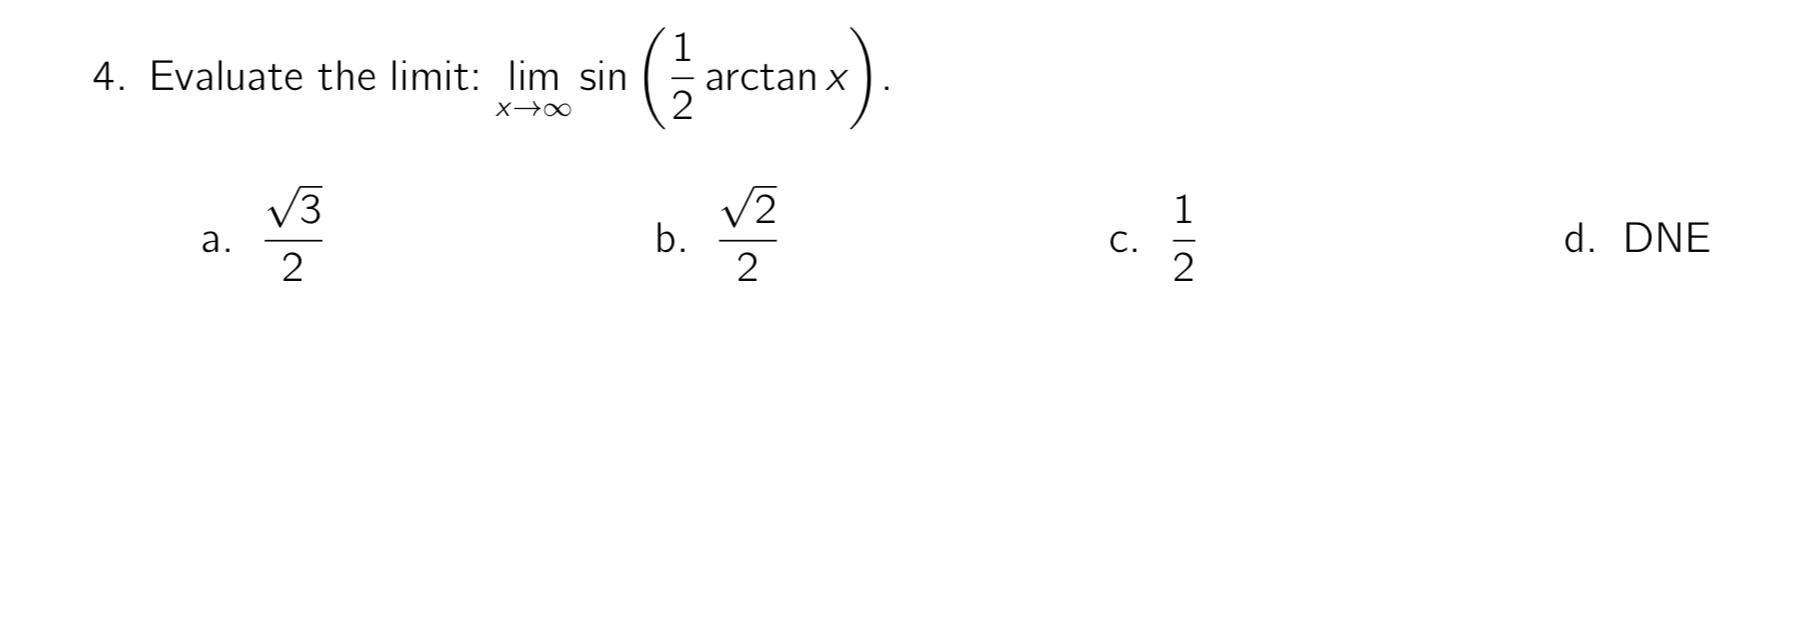 4. Evaluate the limit: lim sin arctan x V2 b. 2 1 d. DNE a. C.